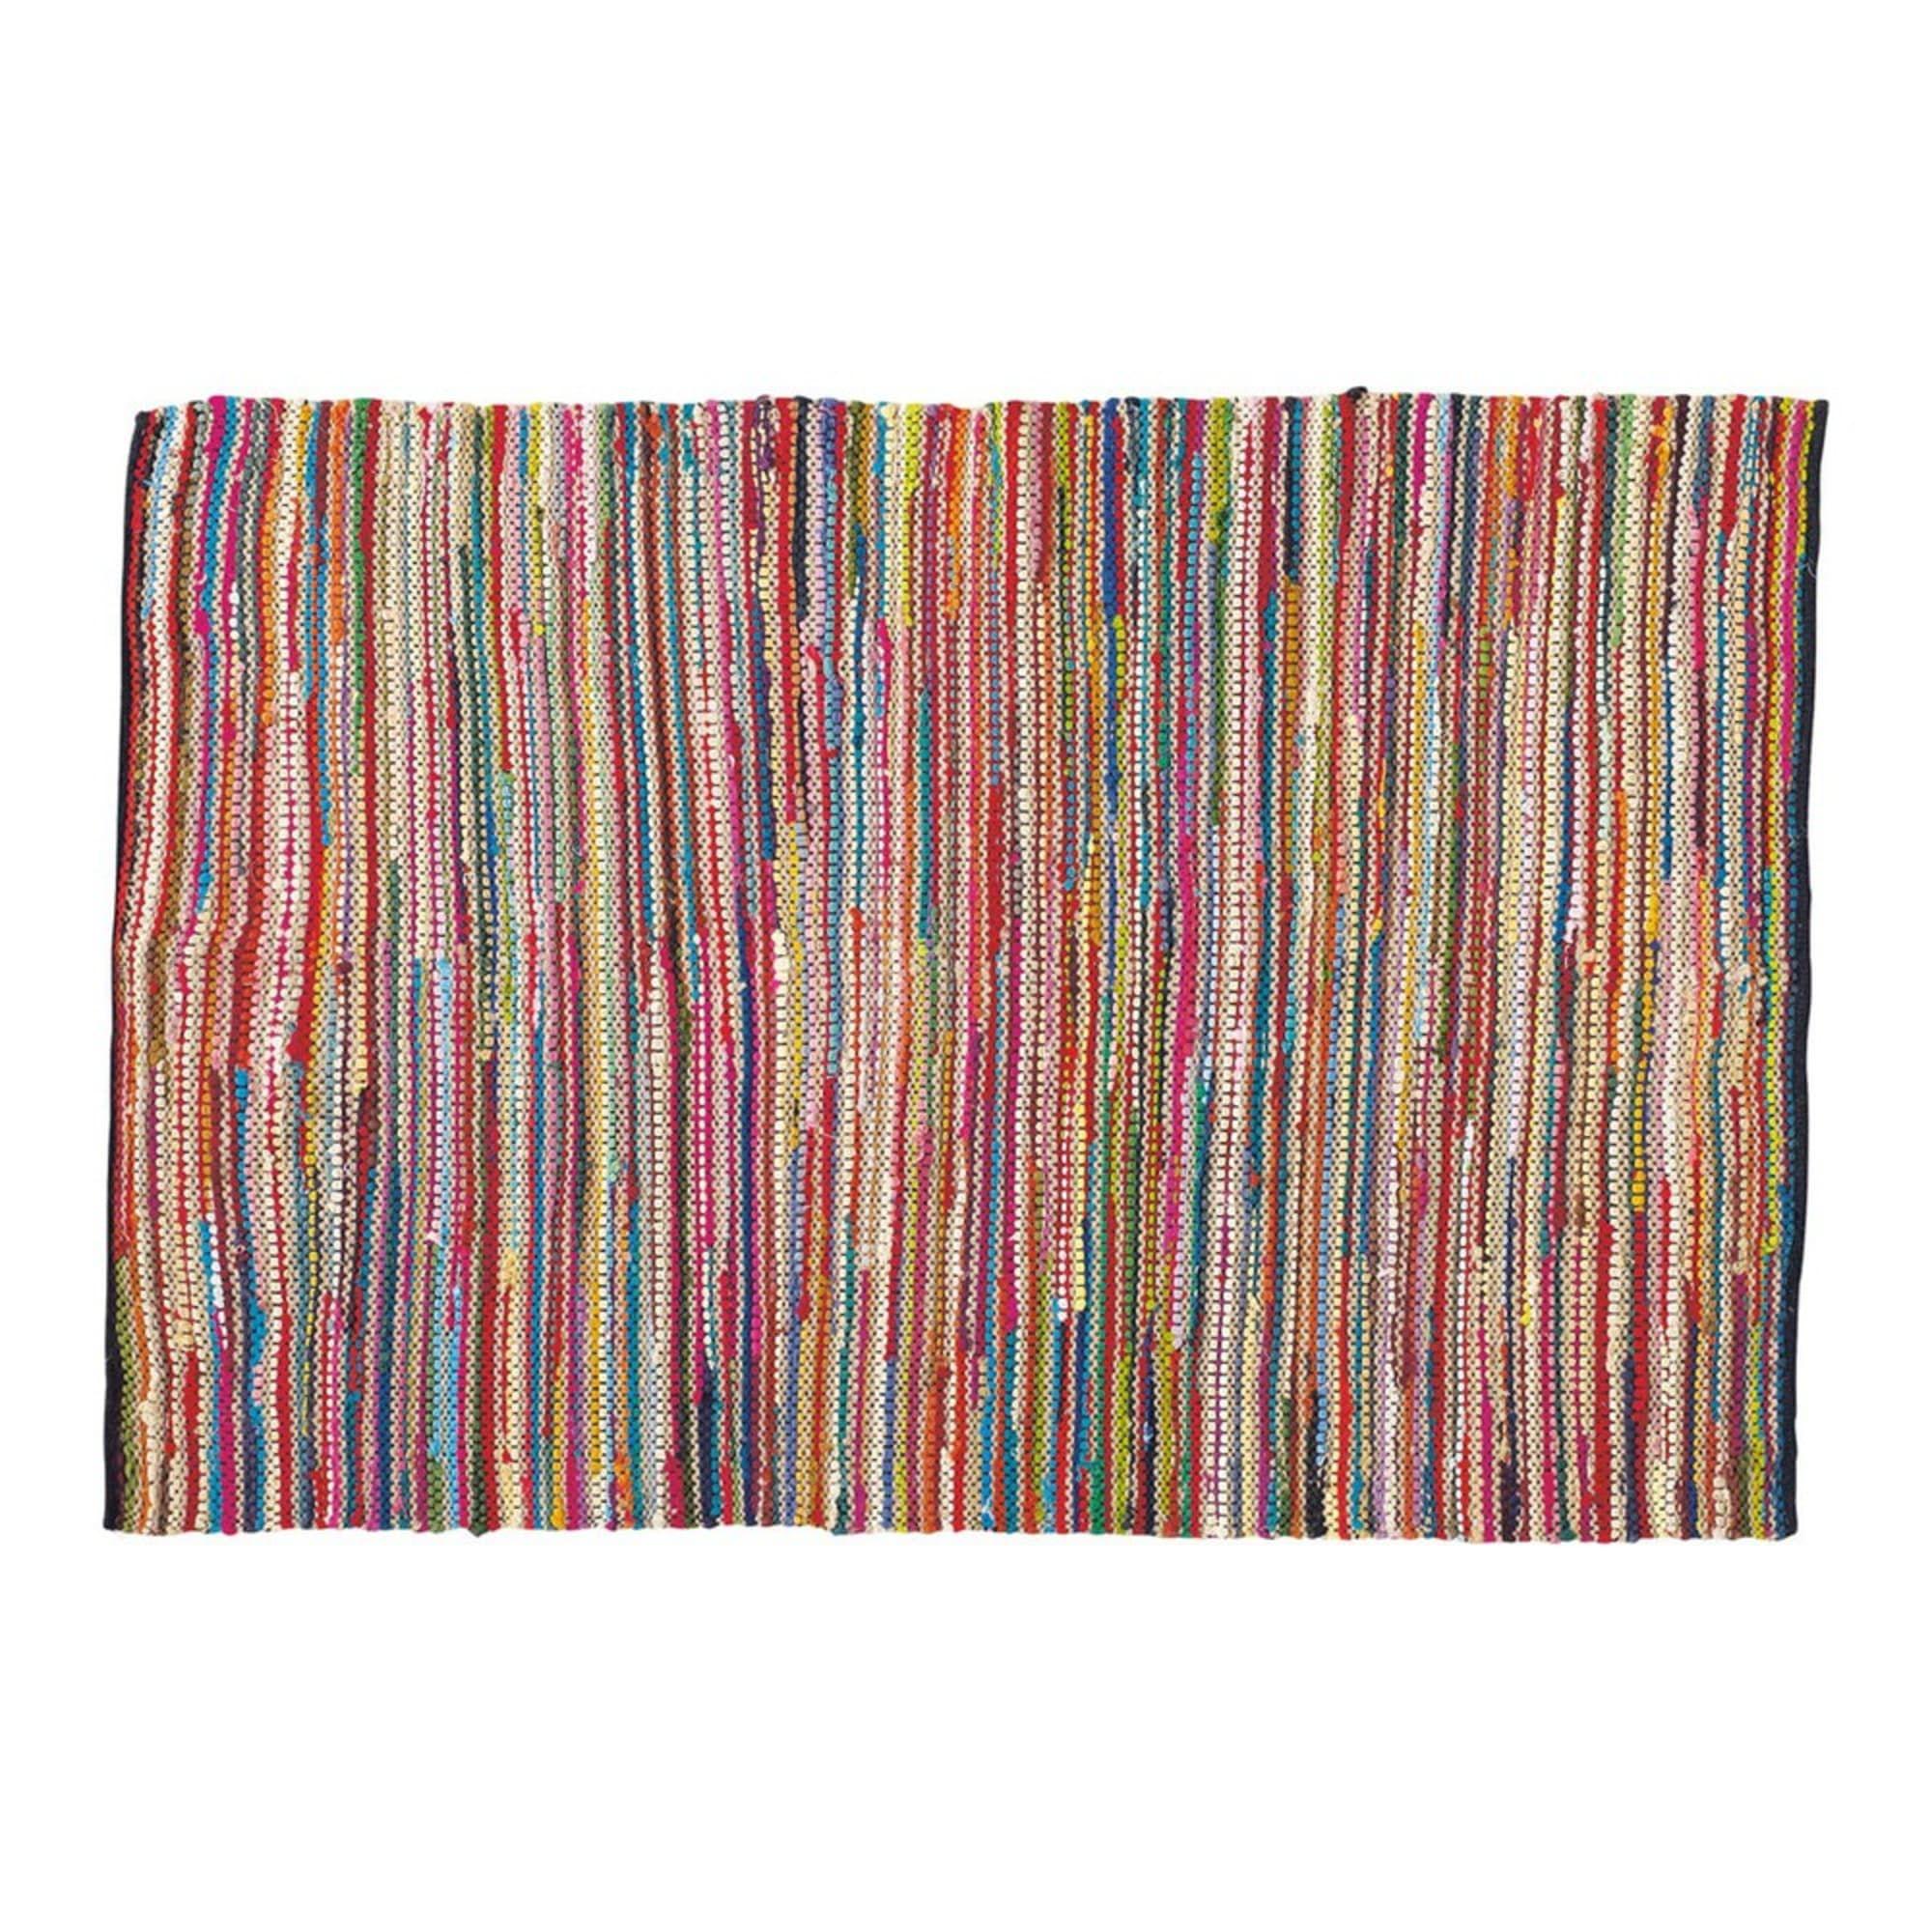 Cotton woven rug, multicoloured 140 x 200cm in 2020